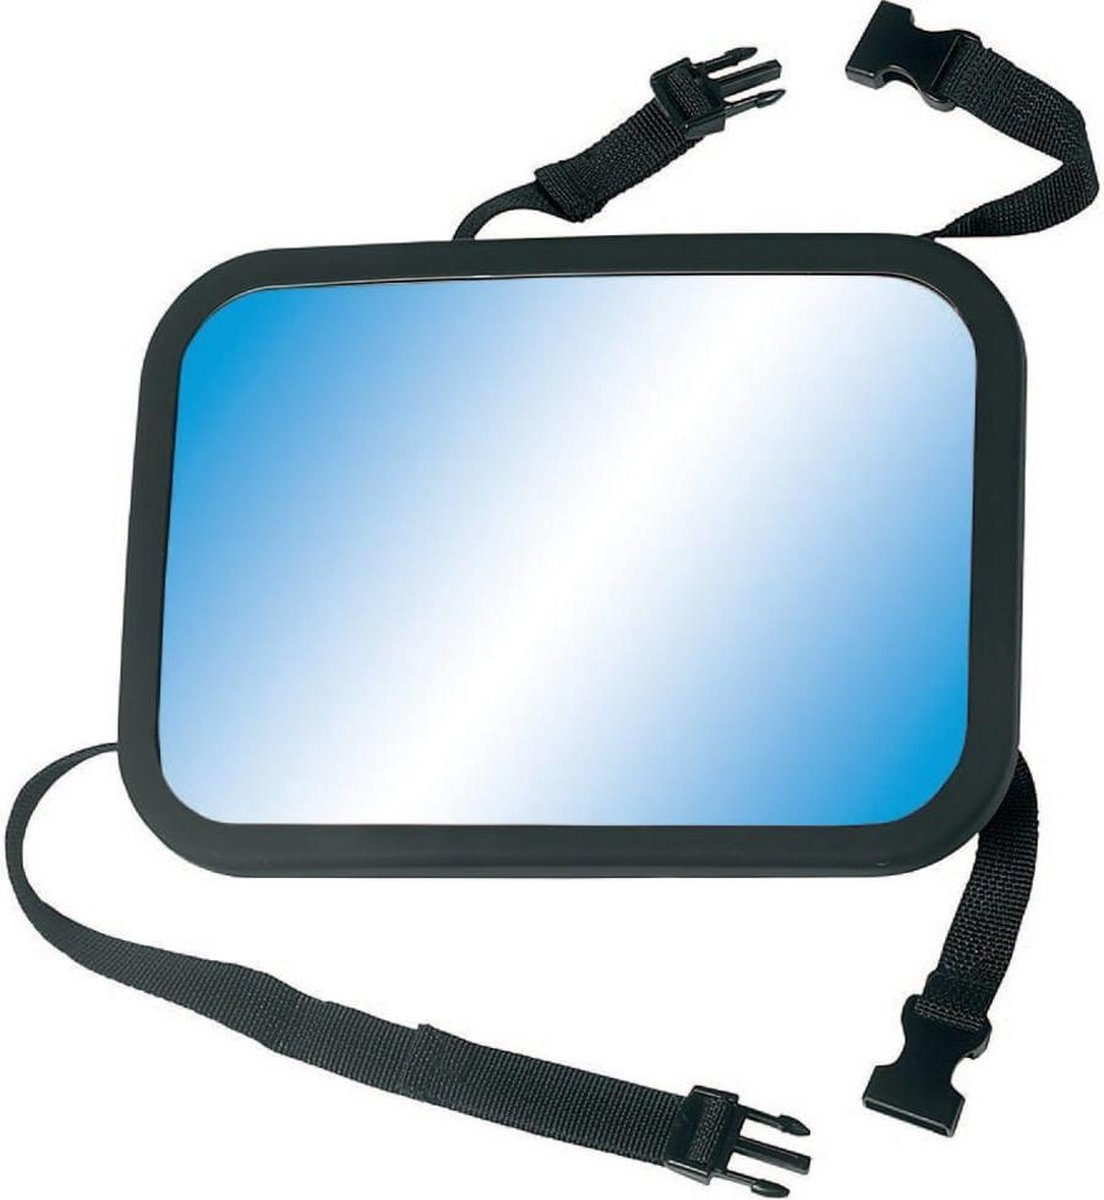 A3 Baby & Kids Verstelbare spiegel voor in de auto - Kinderspiegel Auto